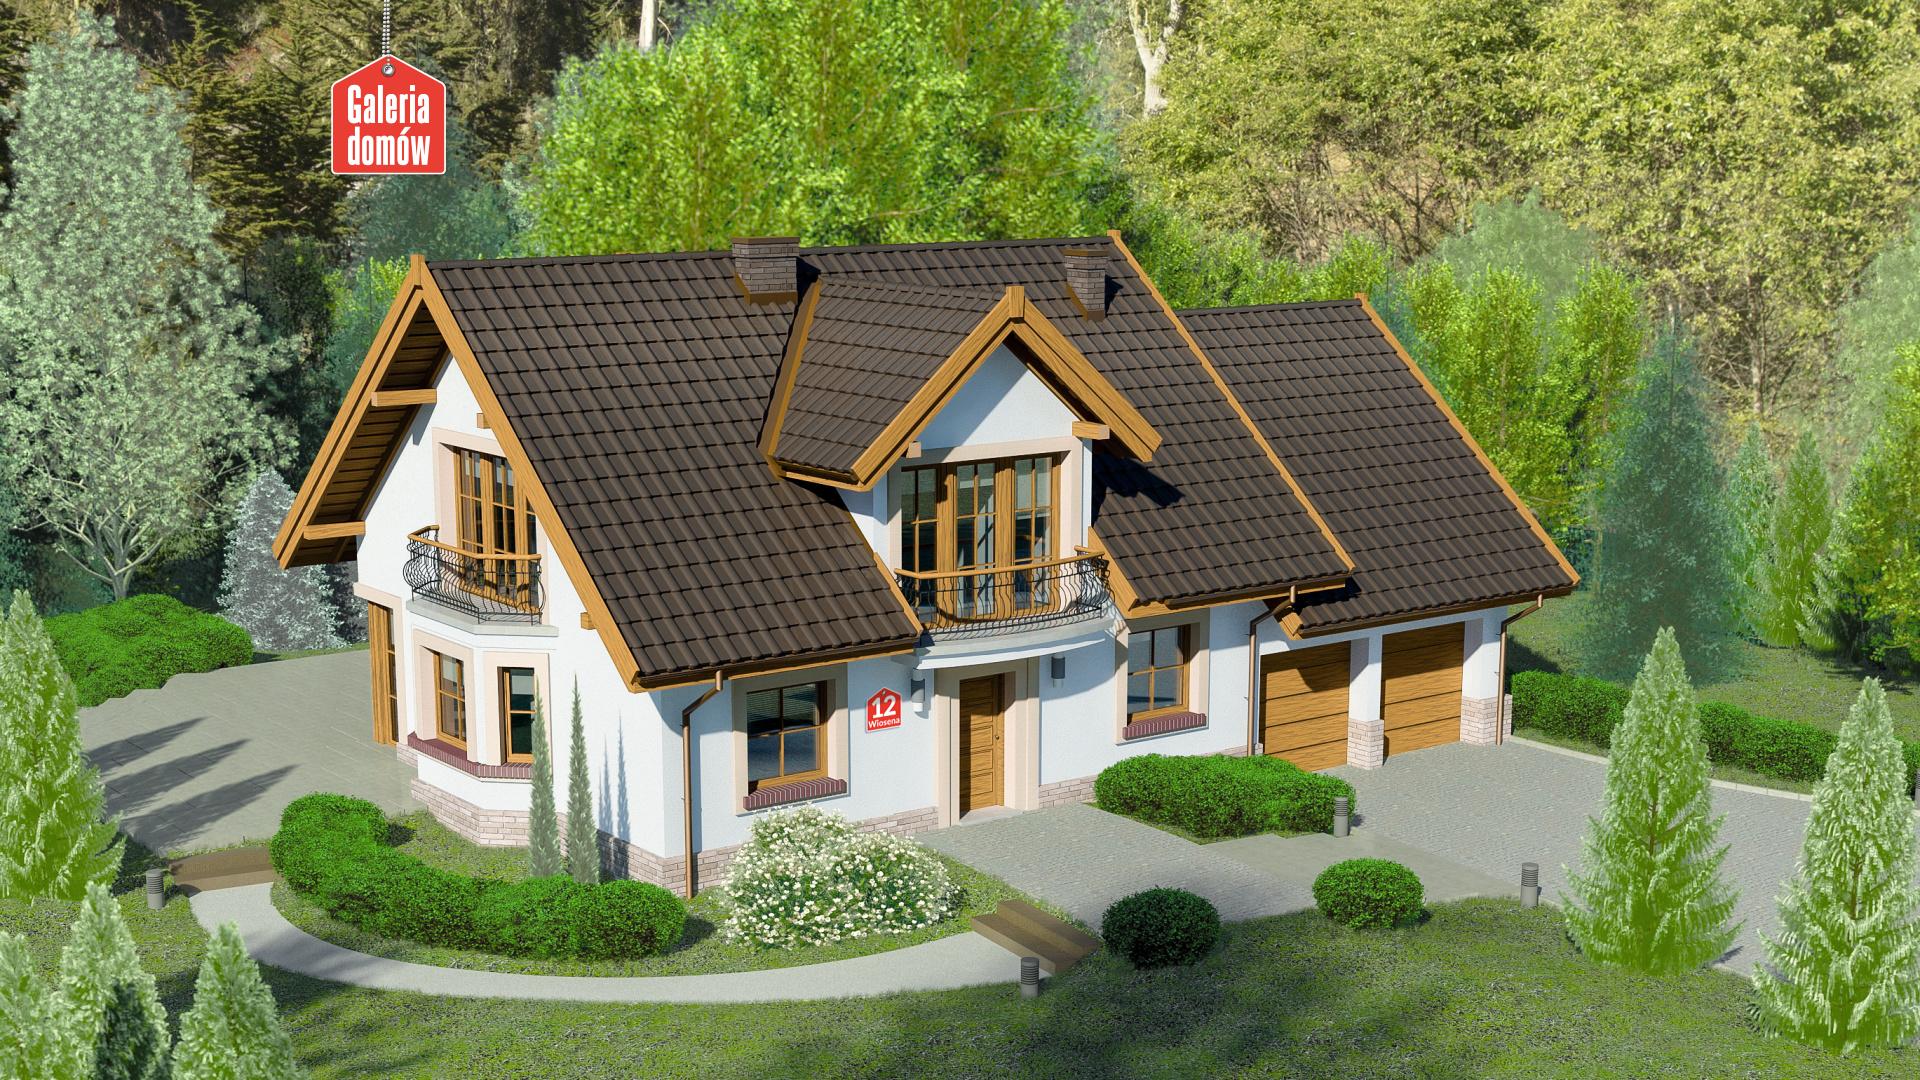 Dom przy Wiosennej 12